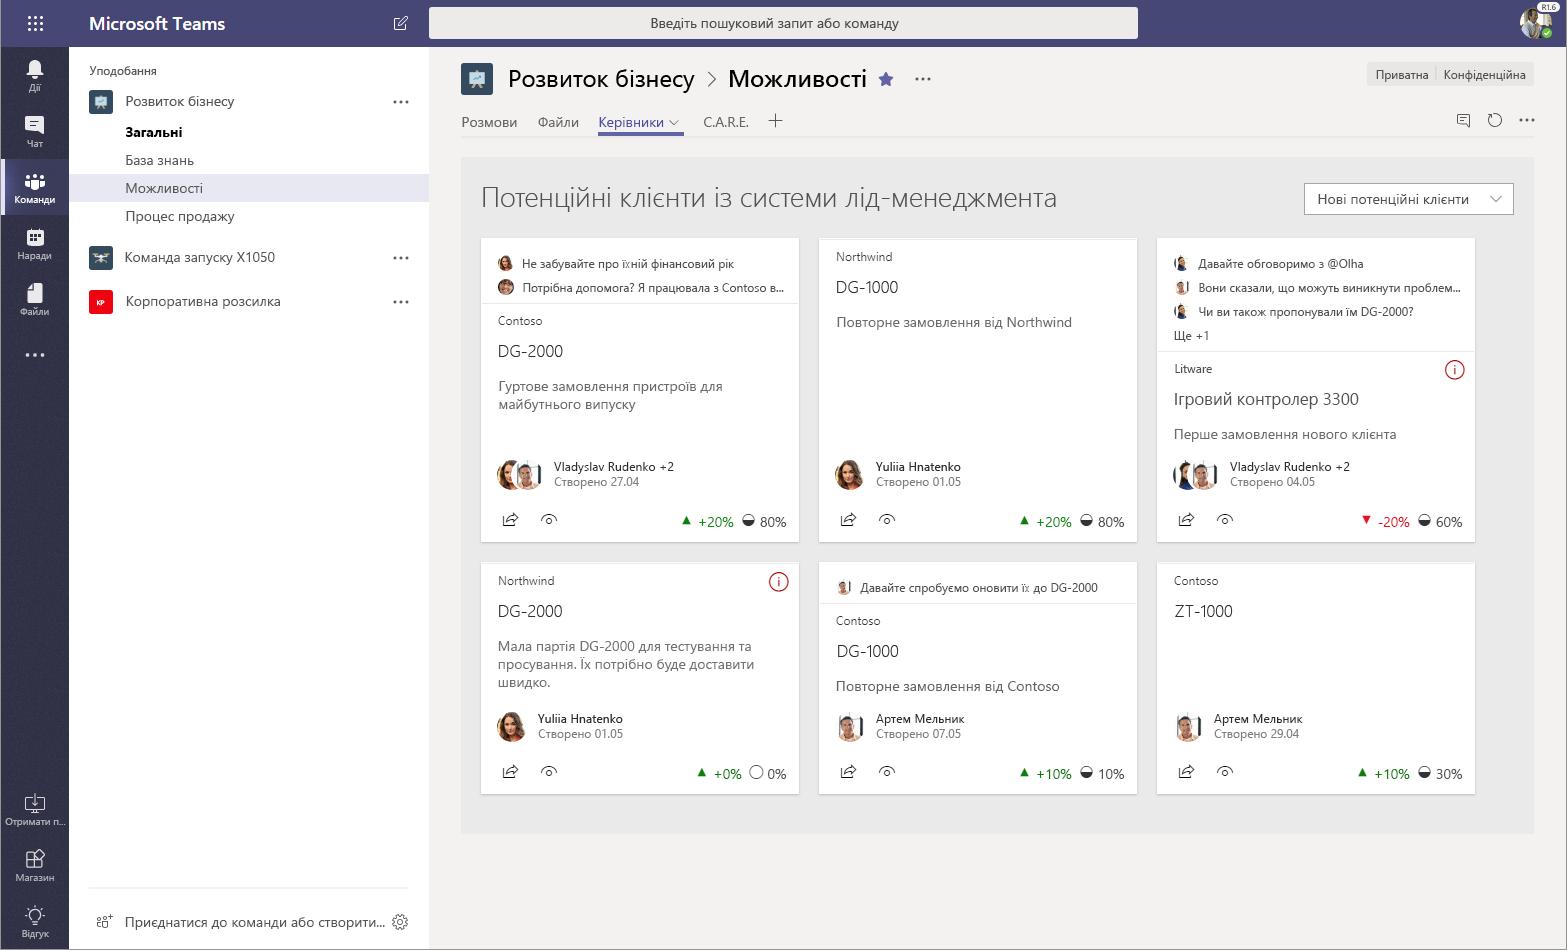 Зображення налаштовуваної веб-частини системи керування потенційними клієнтами в SharePoint Framework, яку розміщено в Microsoft Teams